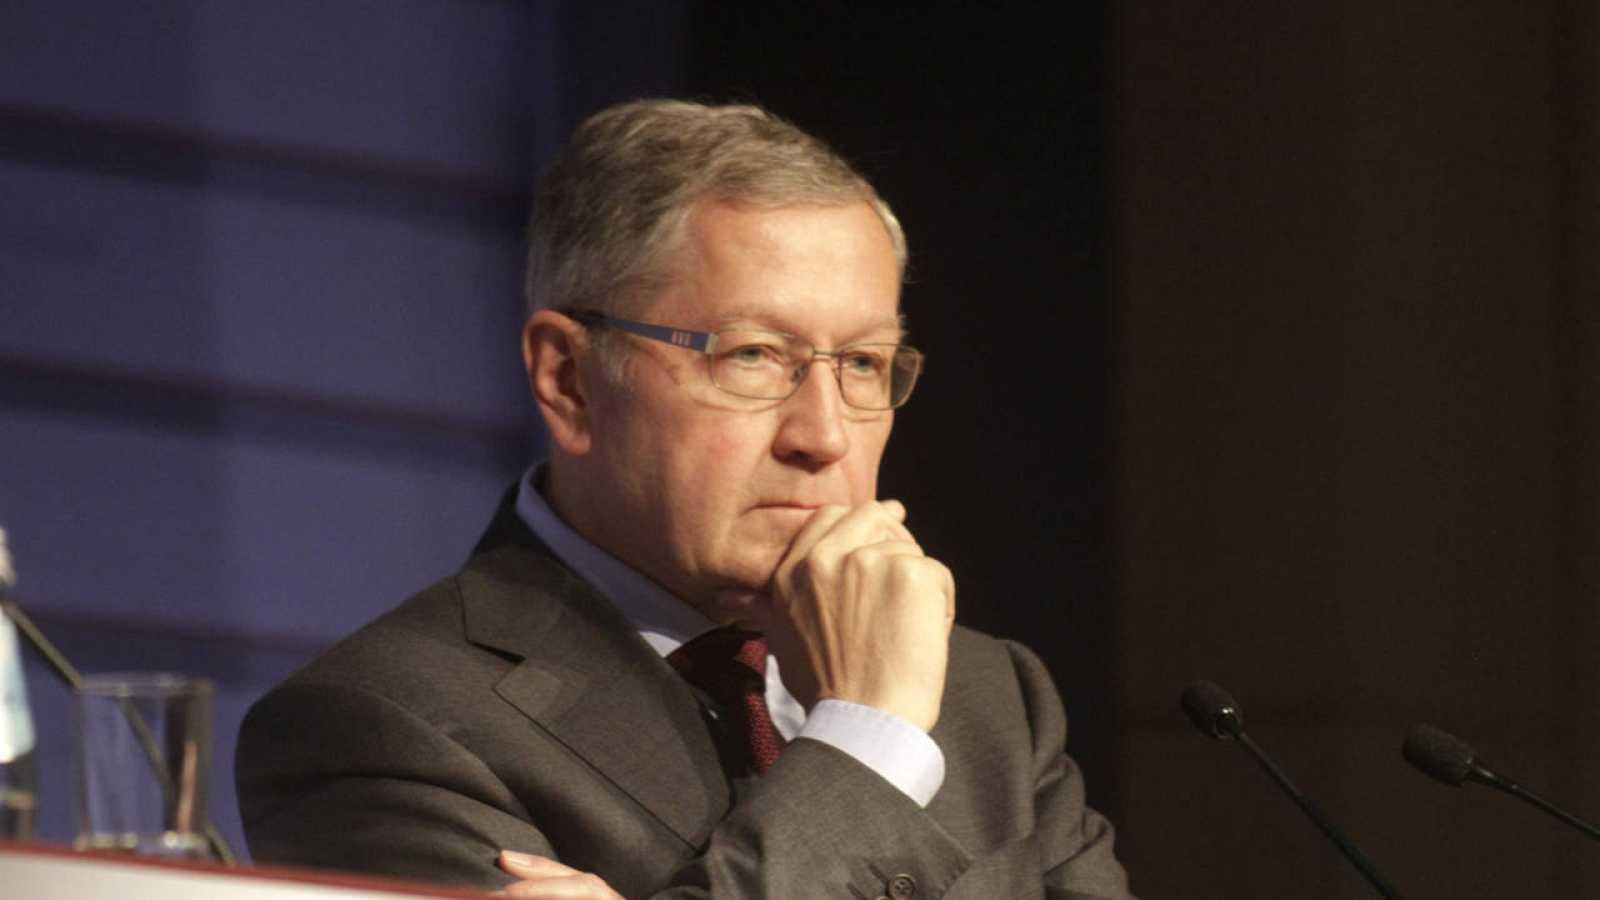 El presidente del Mecanismo Europeo de Estabilidad (MEDE), Klaus Regling